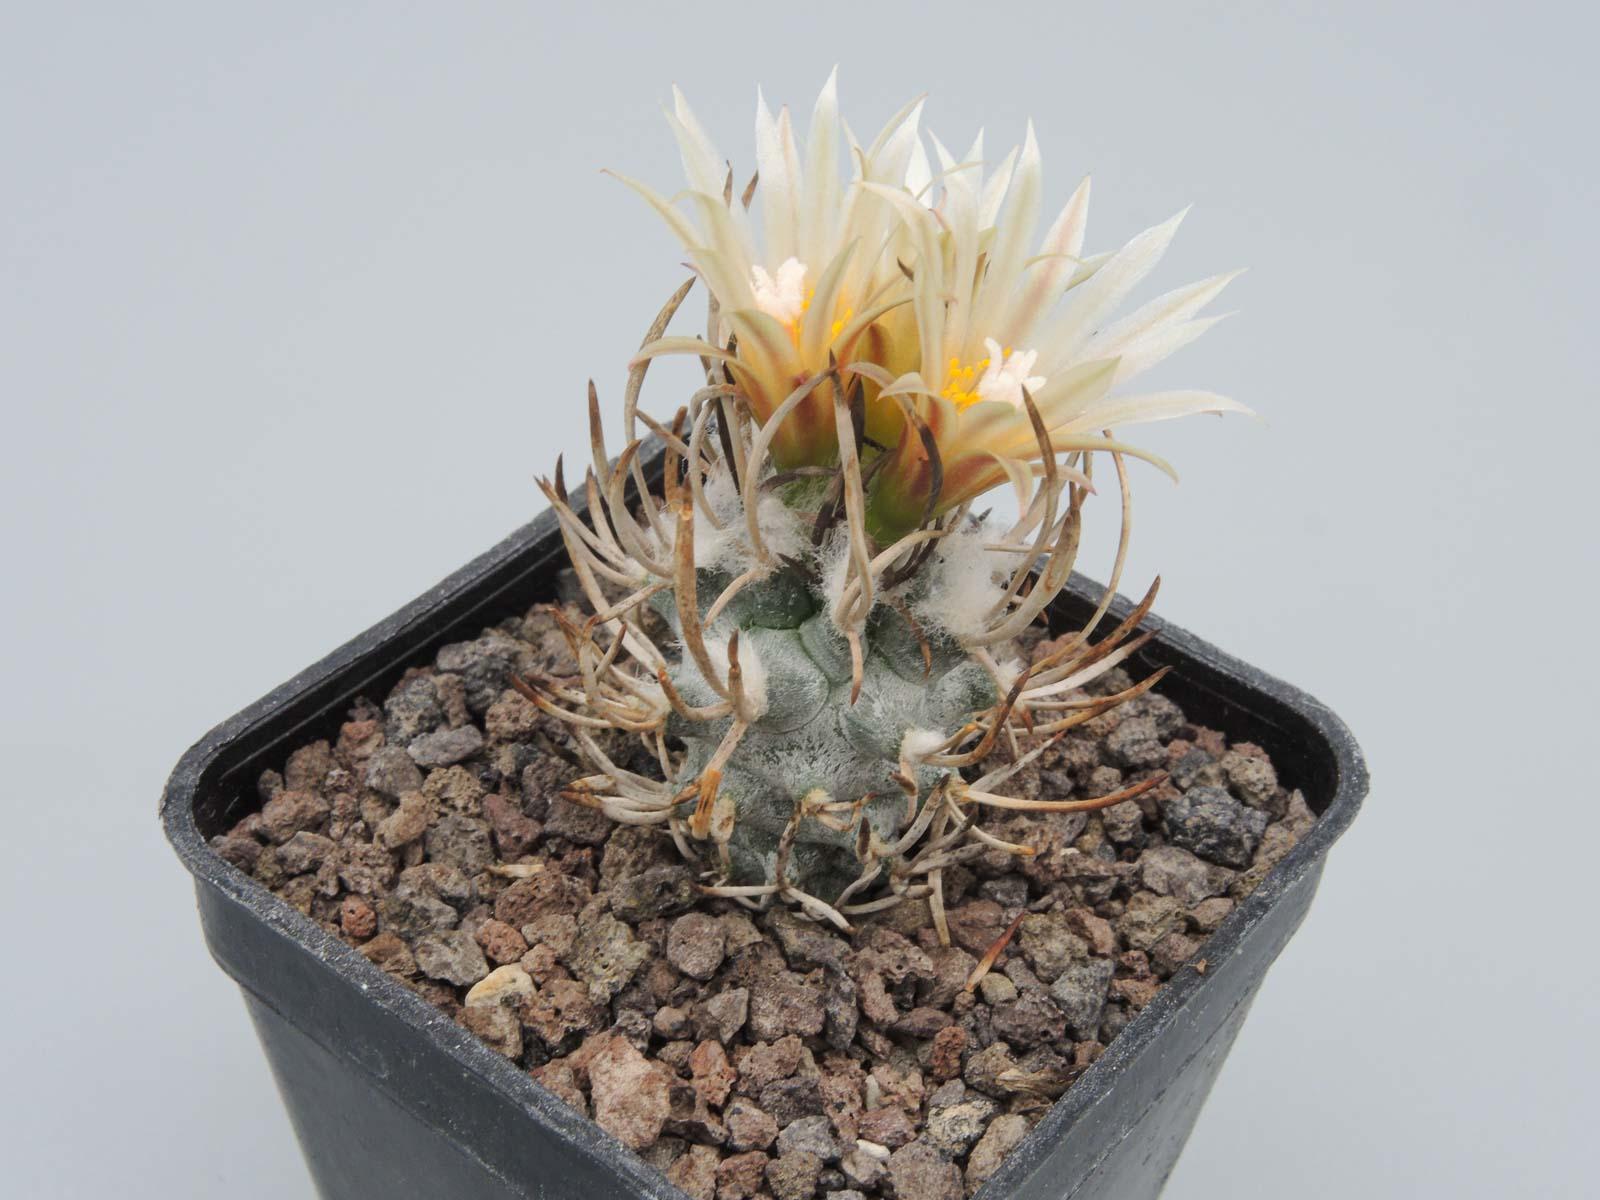 Turbinicarpus flaviflorus